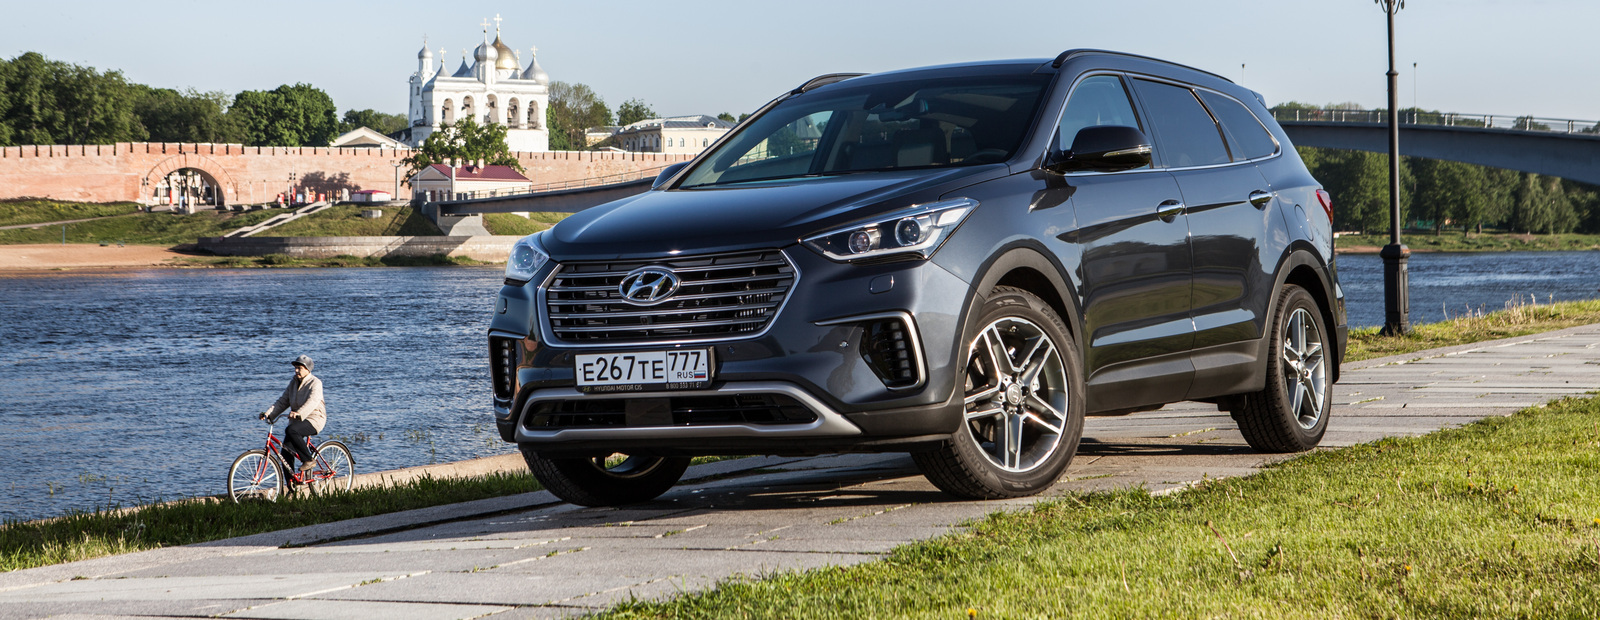 Обновленный Hyundai Grand Santa Fe: российские цены